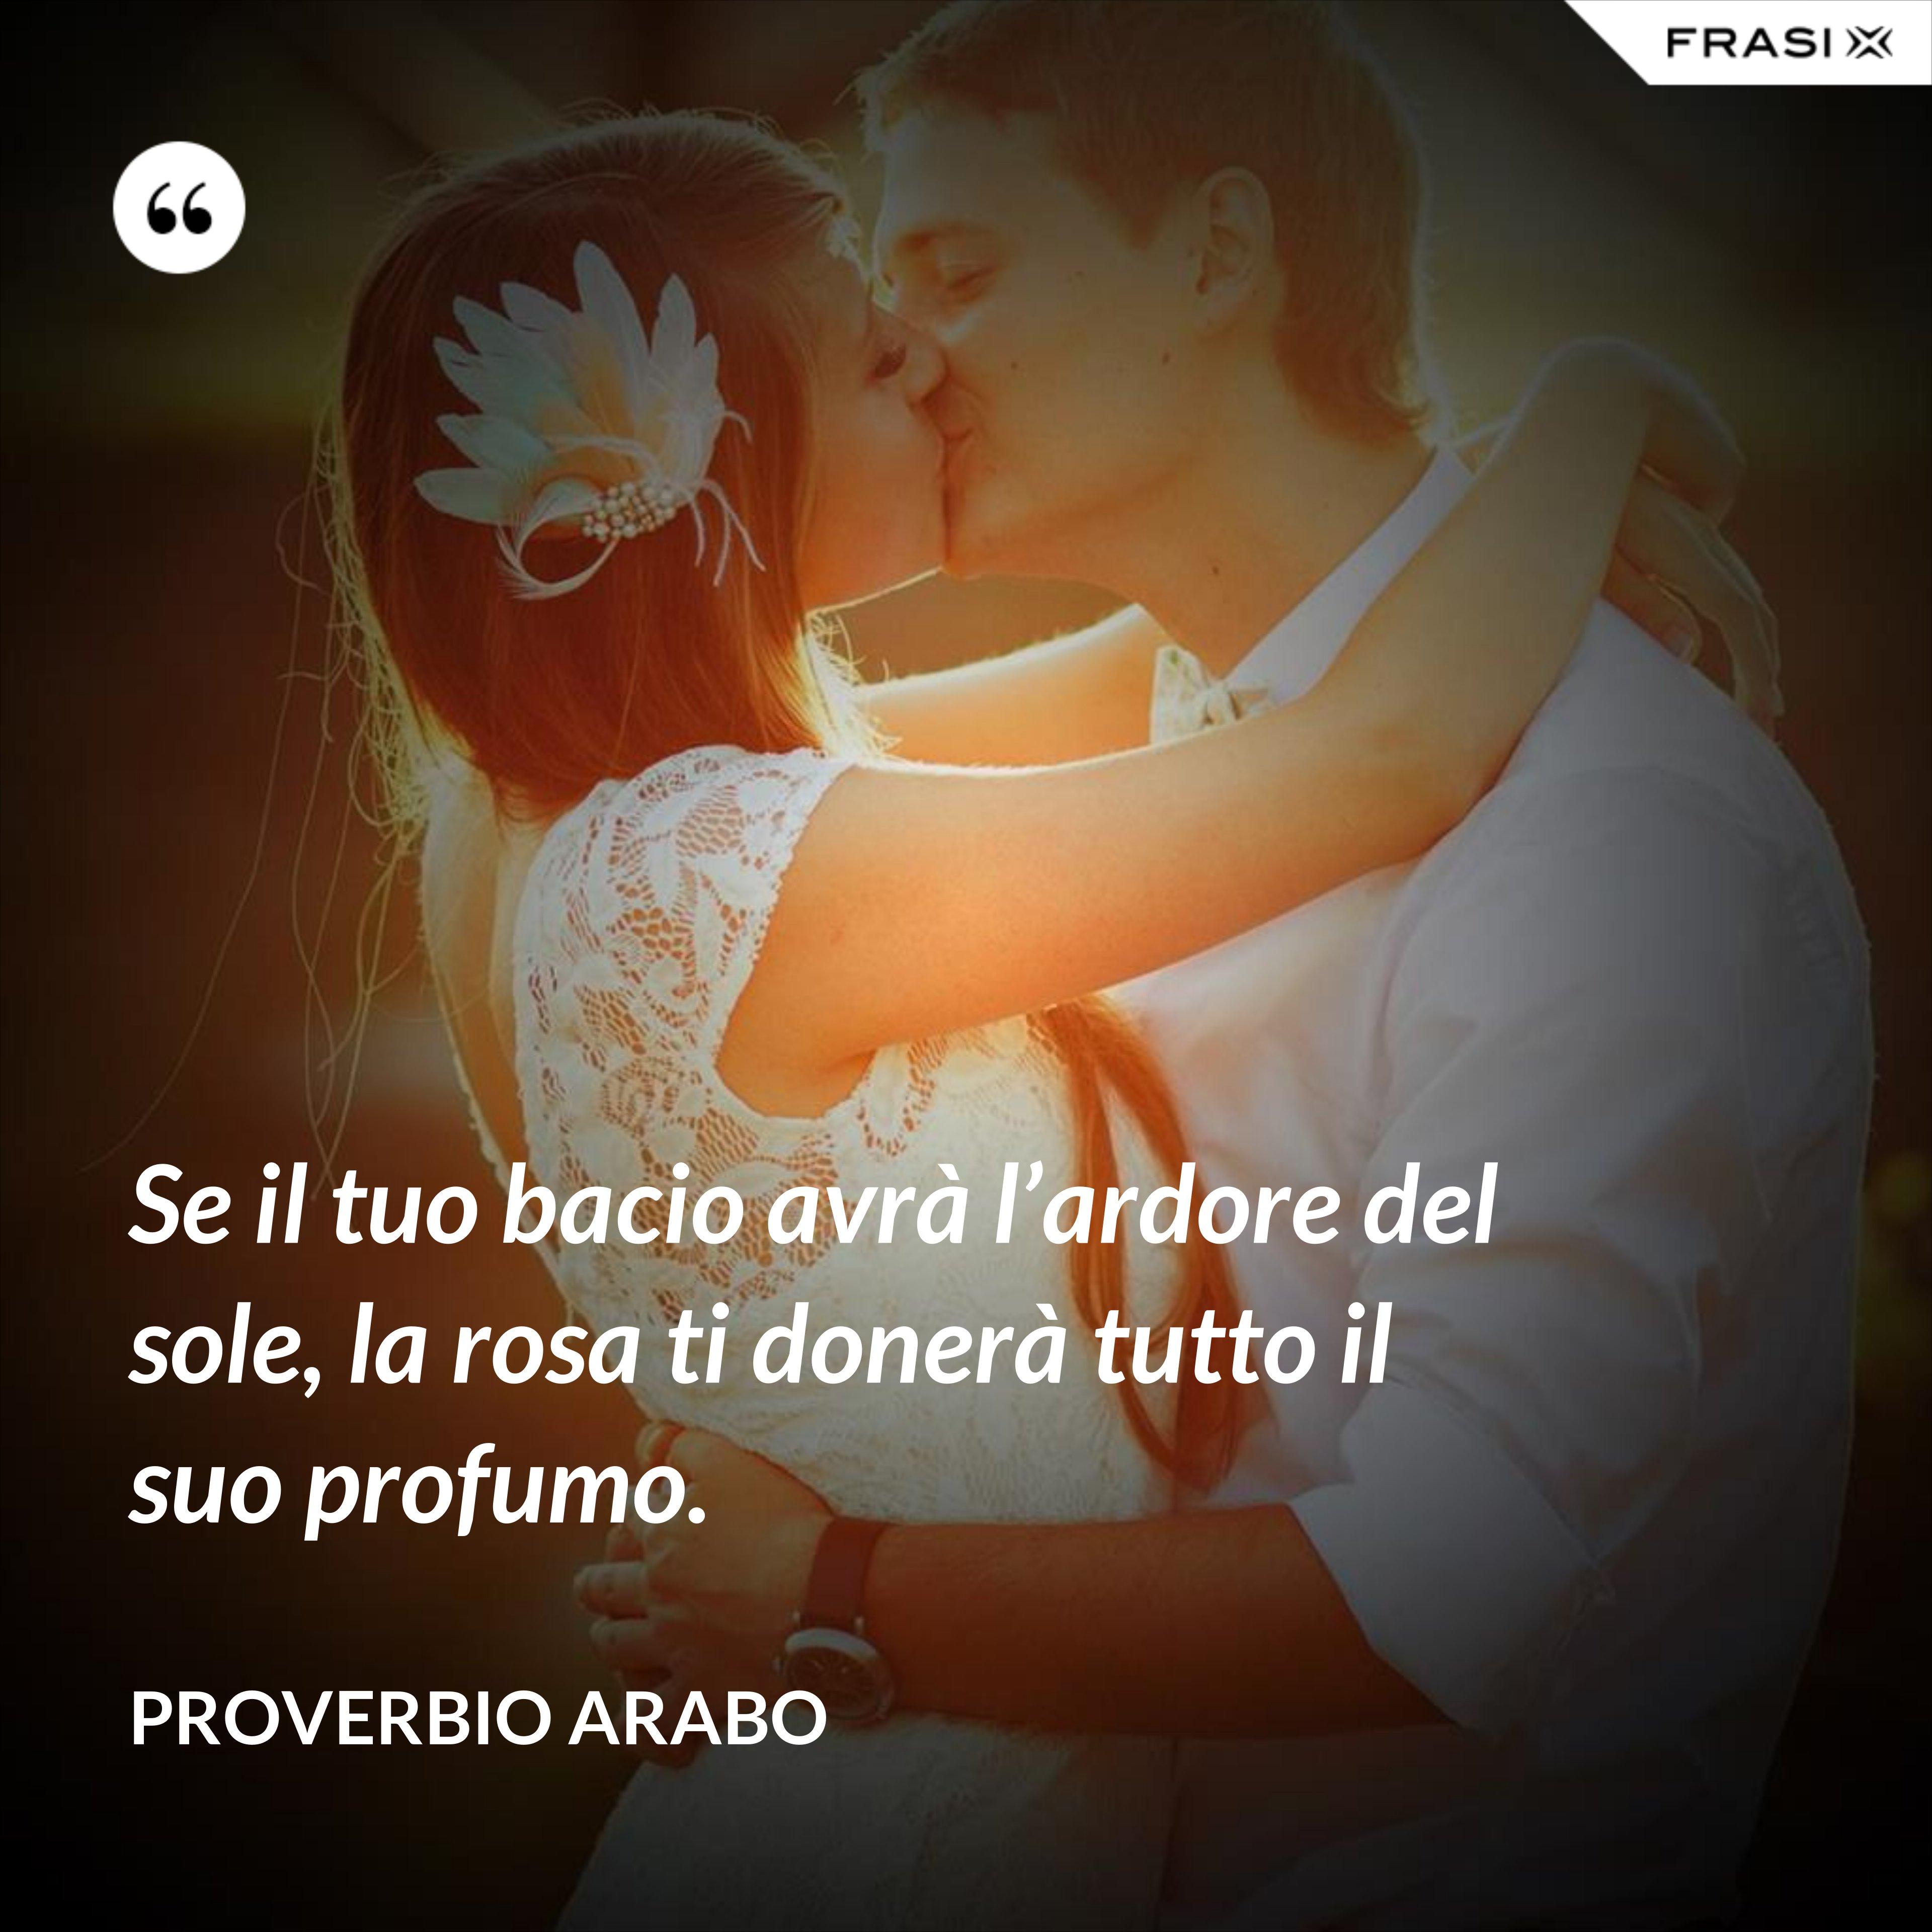 Se il tuo bacio avrà l'ardore del sole, la rosa ti donerà tutto il suo profumo. - Proverbio arabo